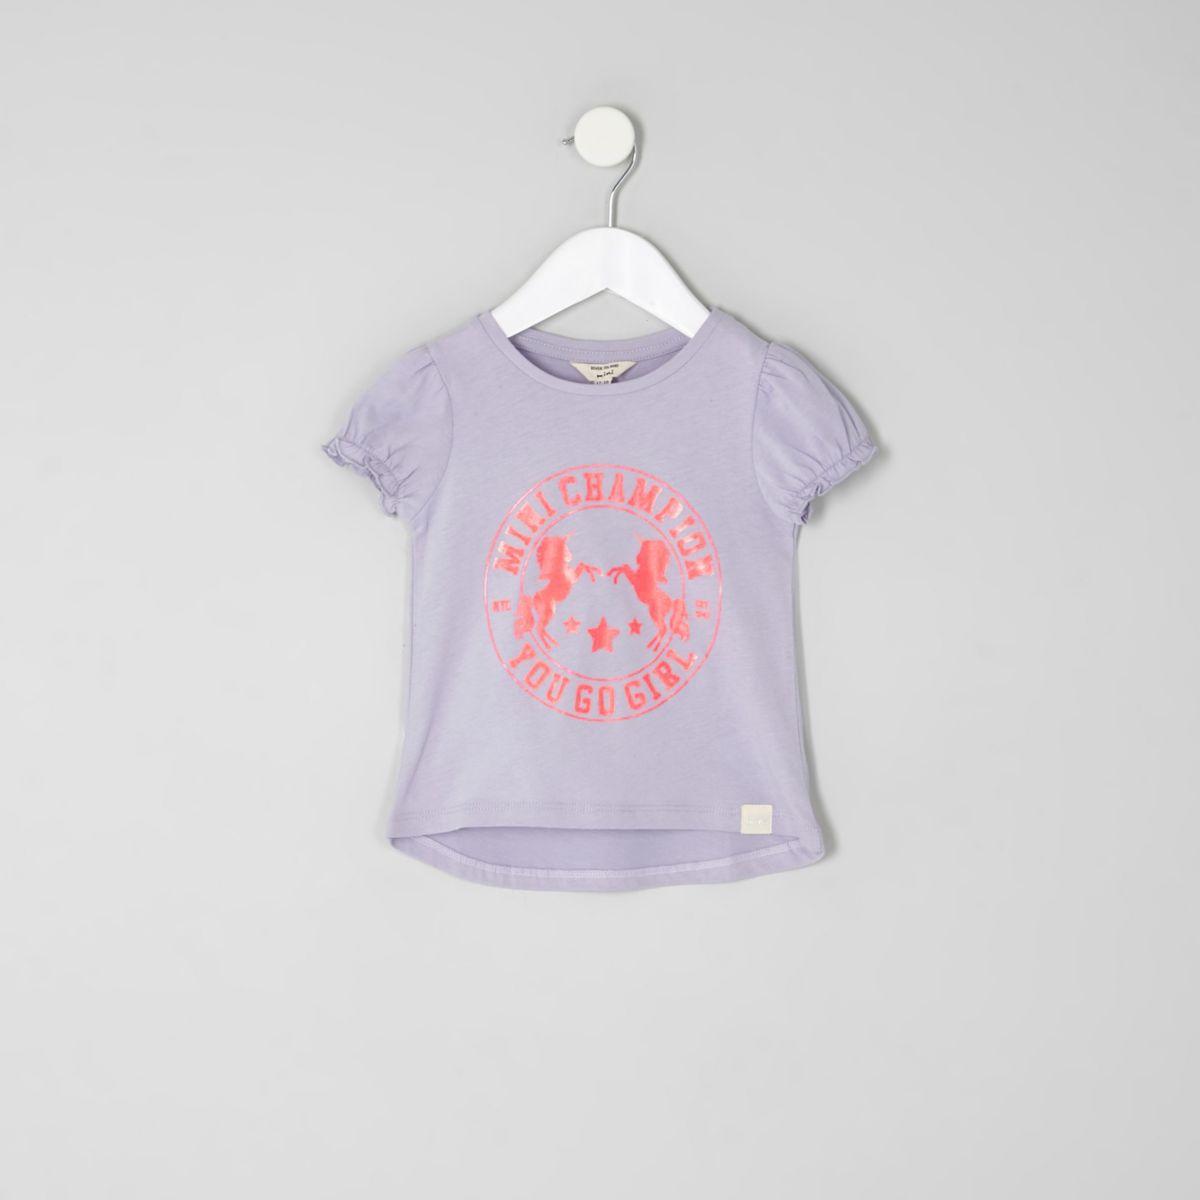 T-Shirt in Lila mit Puffärmeln